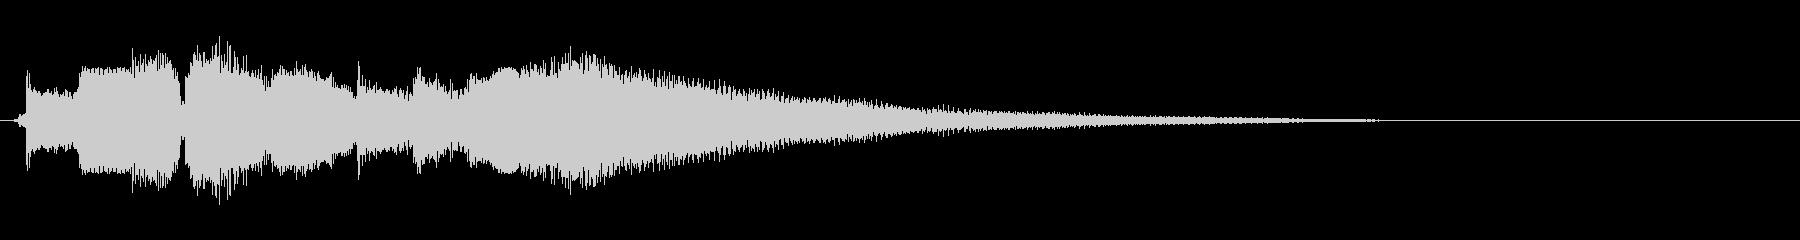 生演奏!切な明るいエレキギターのジングルの未再生の波形